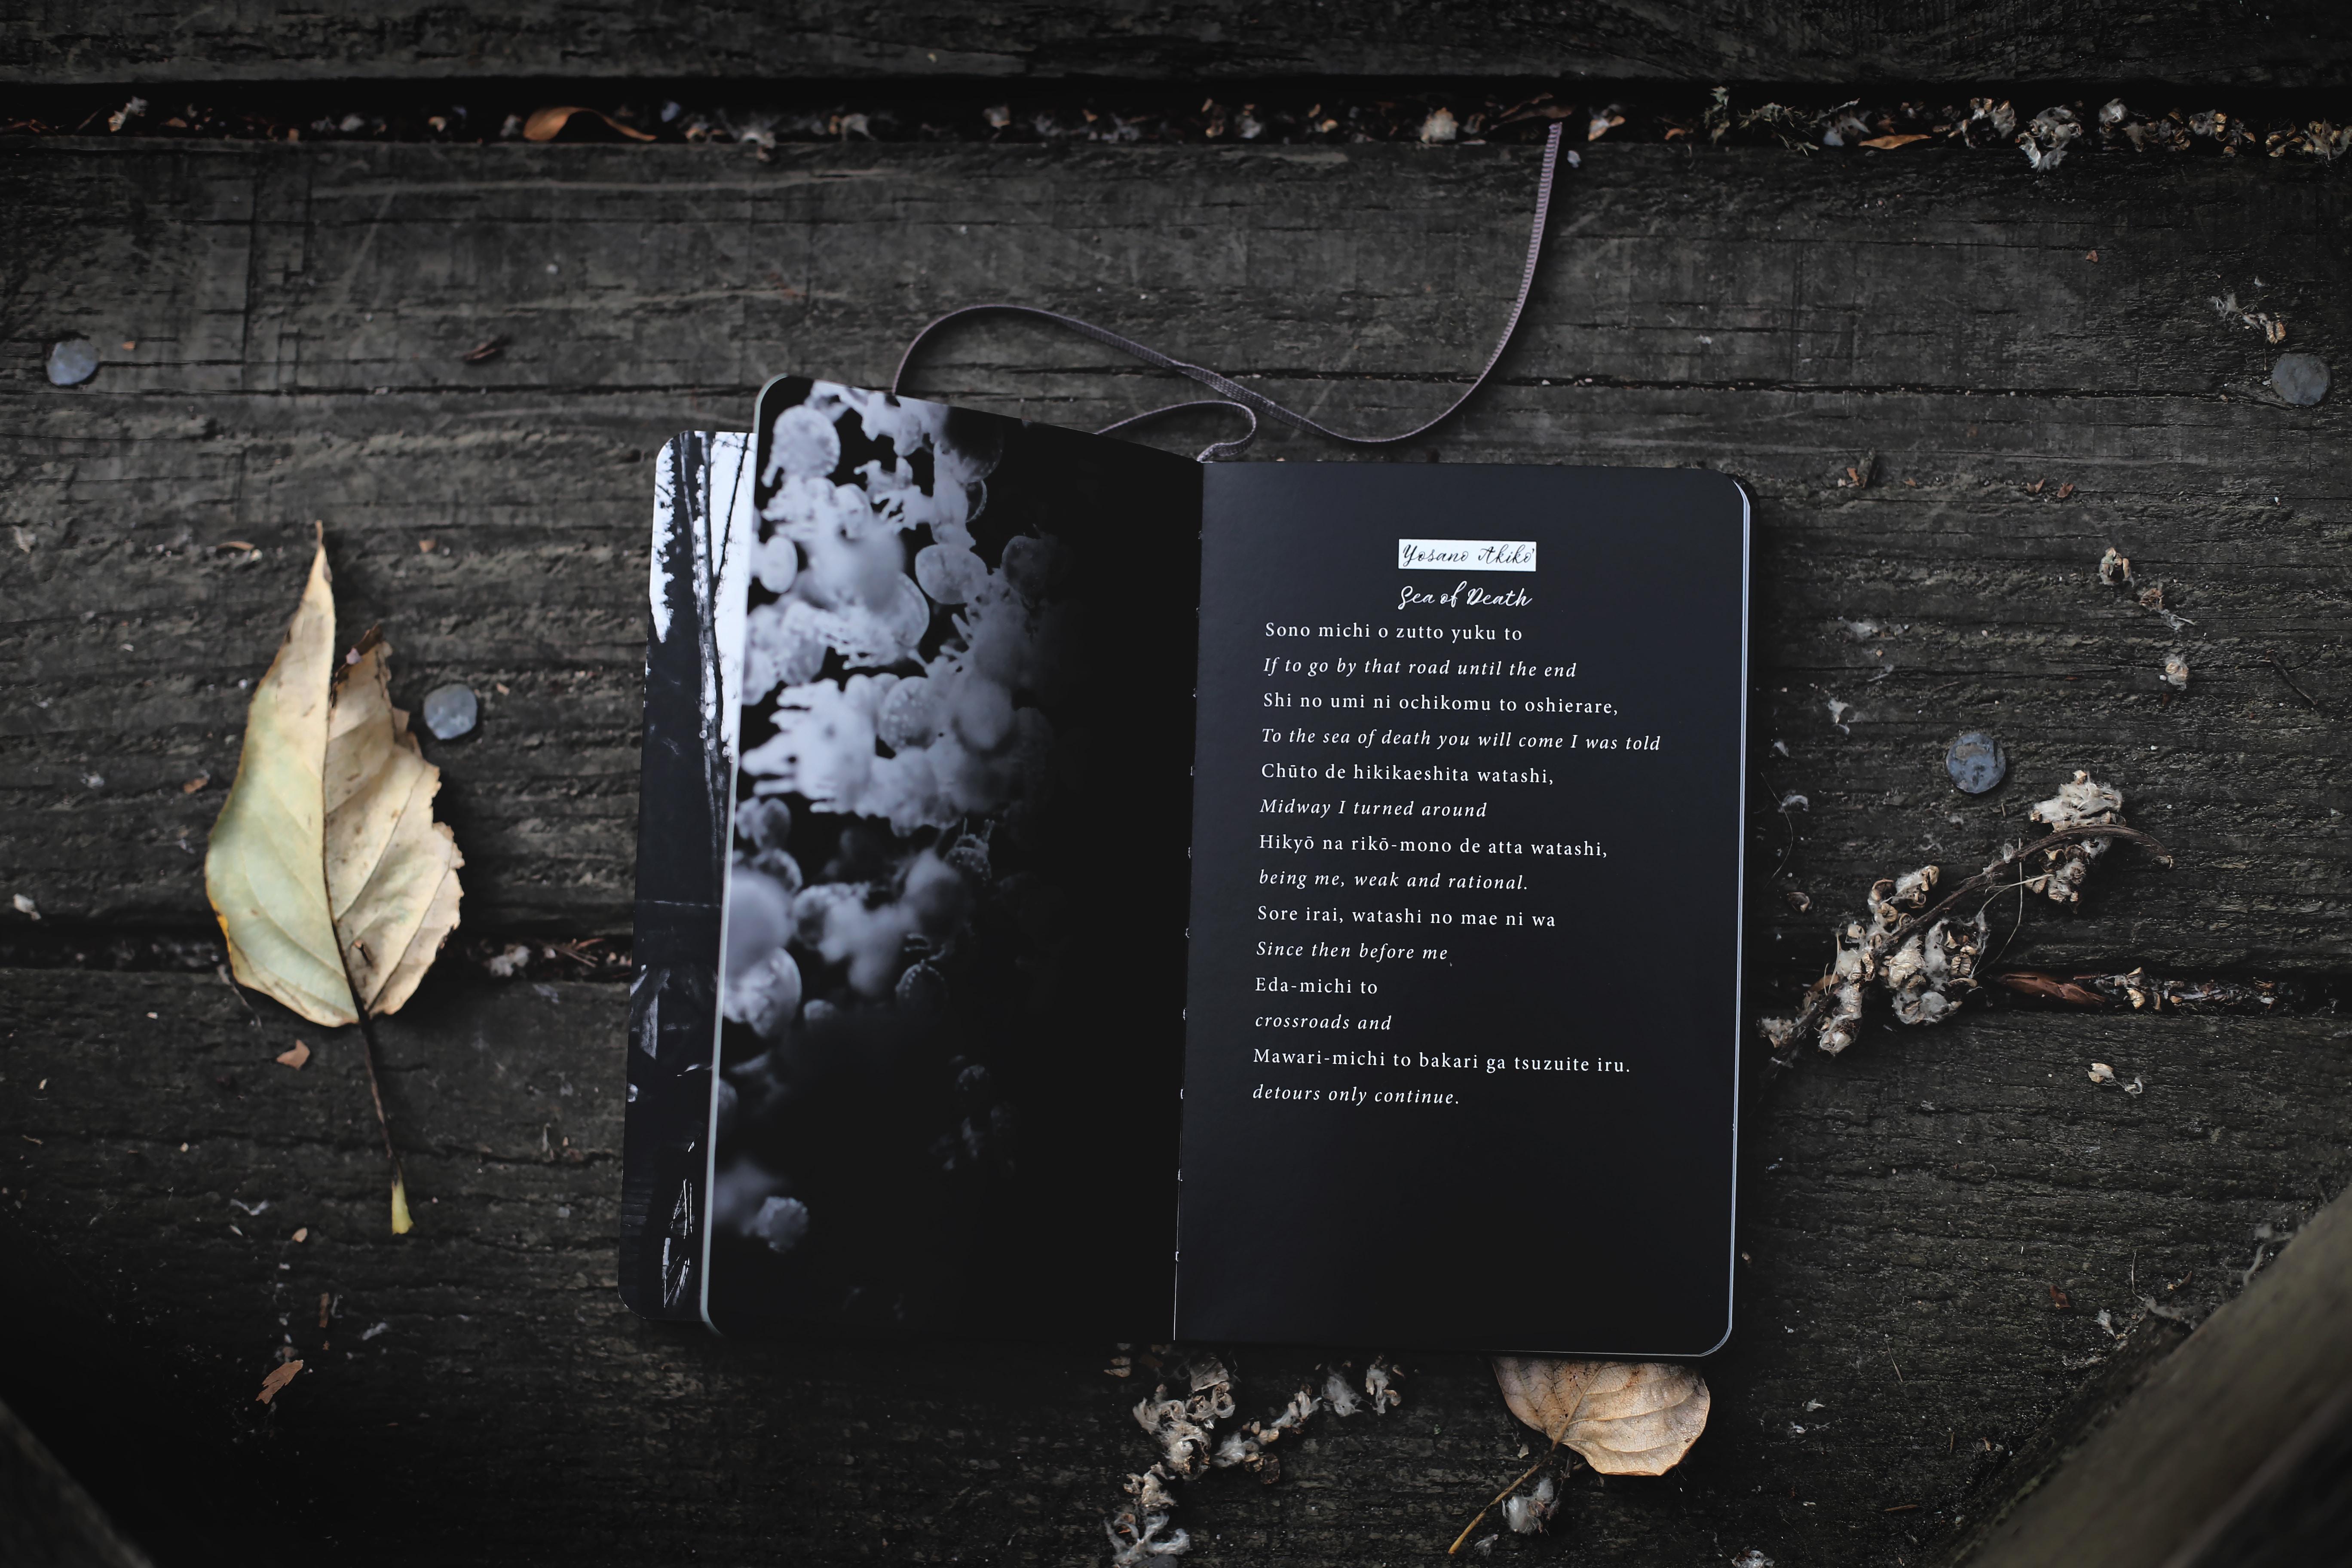 black audio book